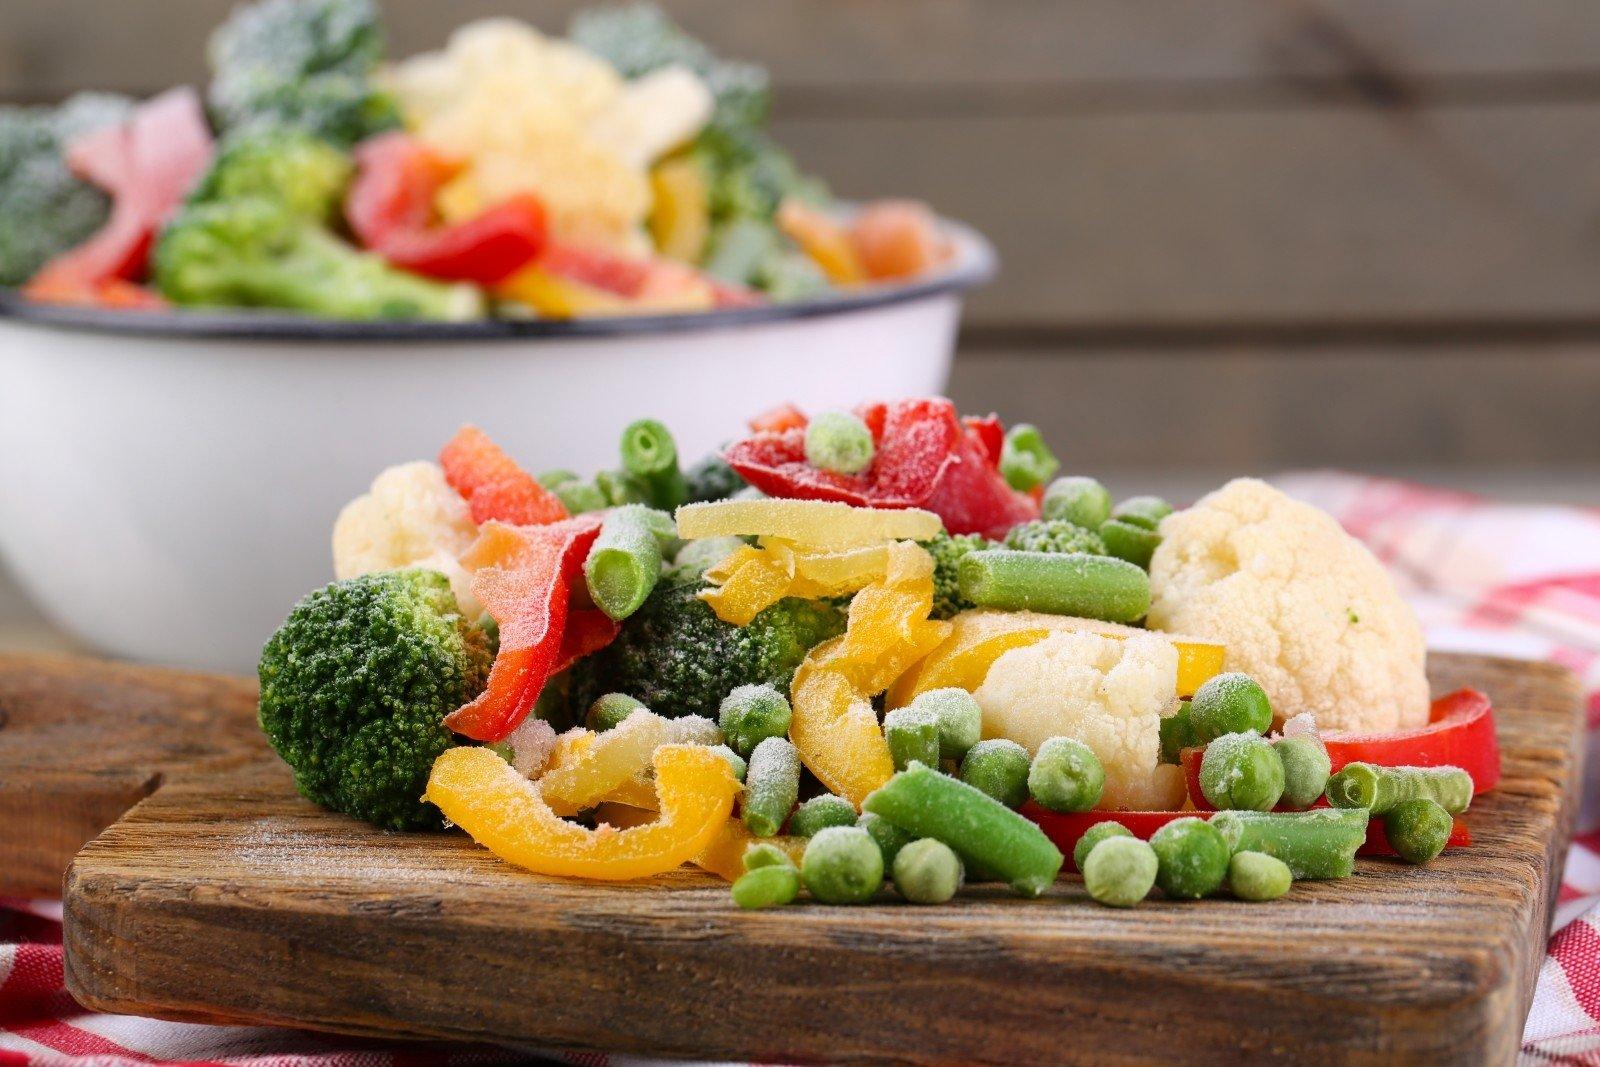 geriausia daržovių širdies sveikata hipertenzija, kaip sumažinti kraujospūdį